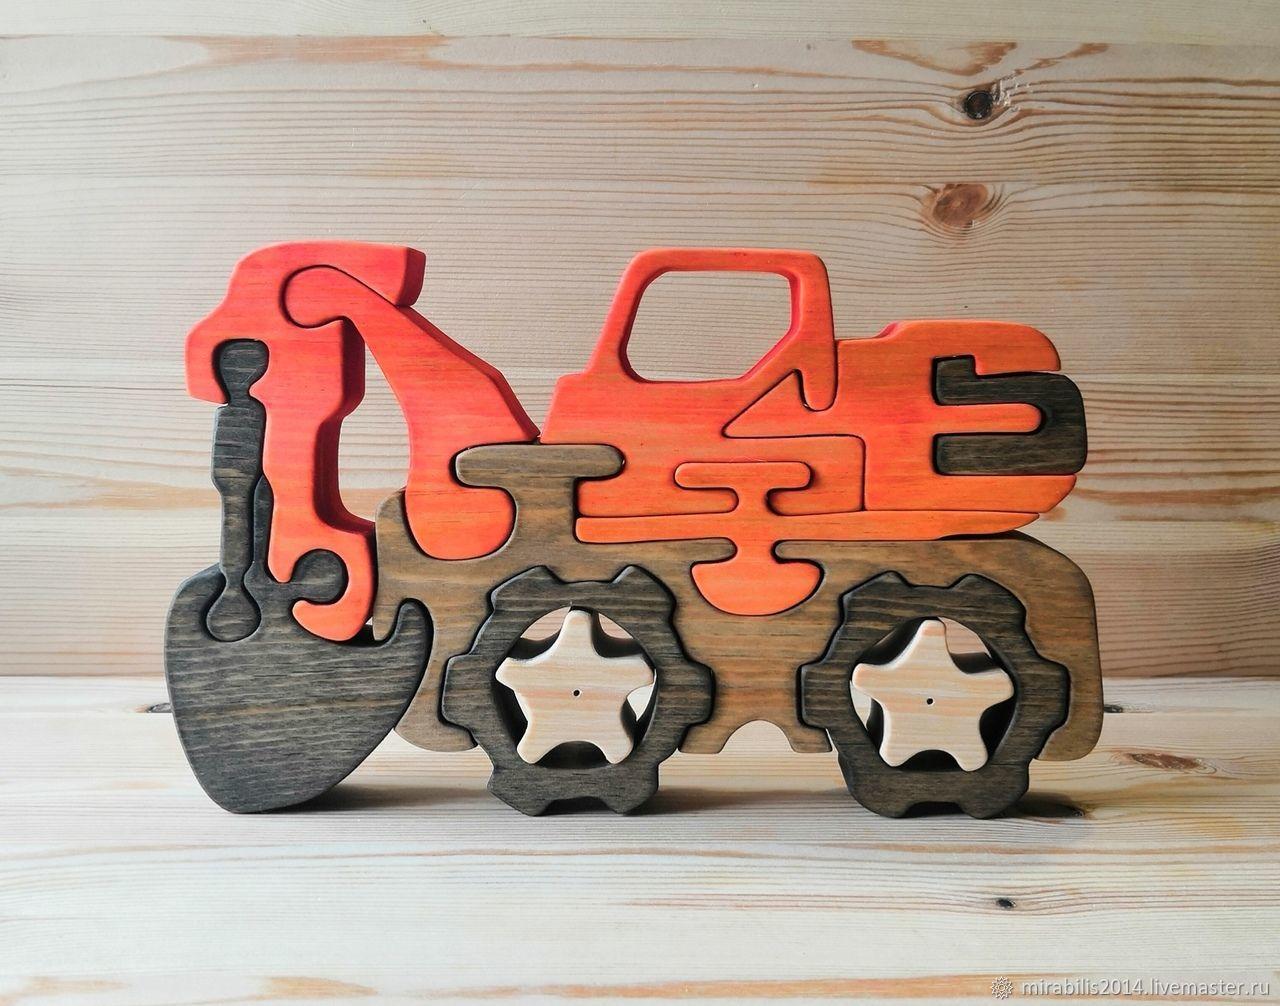 Развивающие игрушки ручной работы. Ярмарка Мастеров - ручная работа. Купить Пазл Экскаватор. Handmade. Подарок, подарок ребенку, натуральный